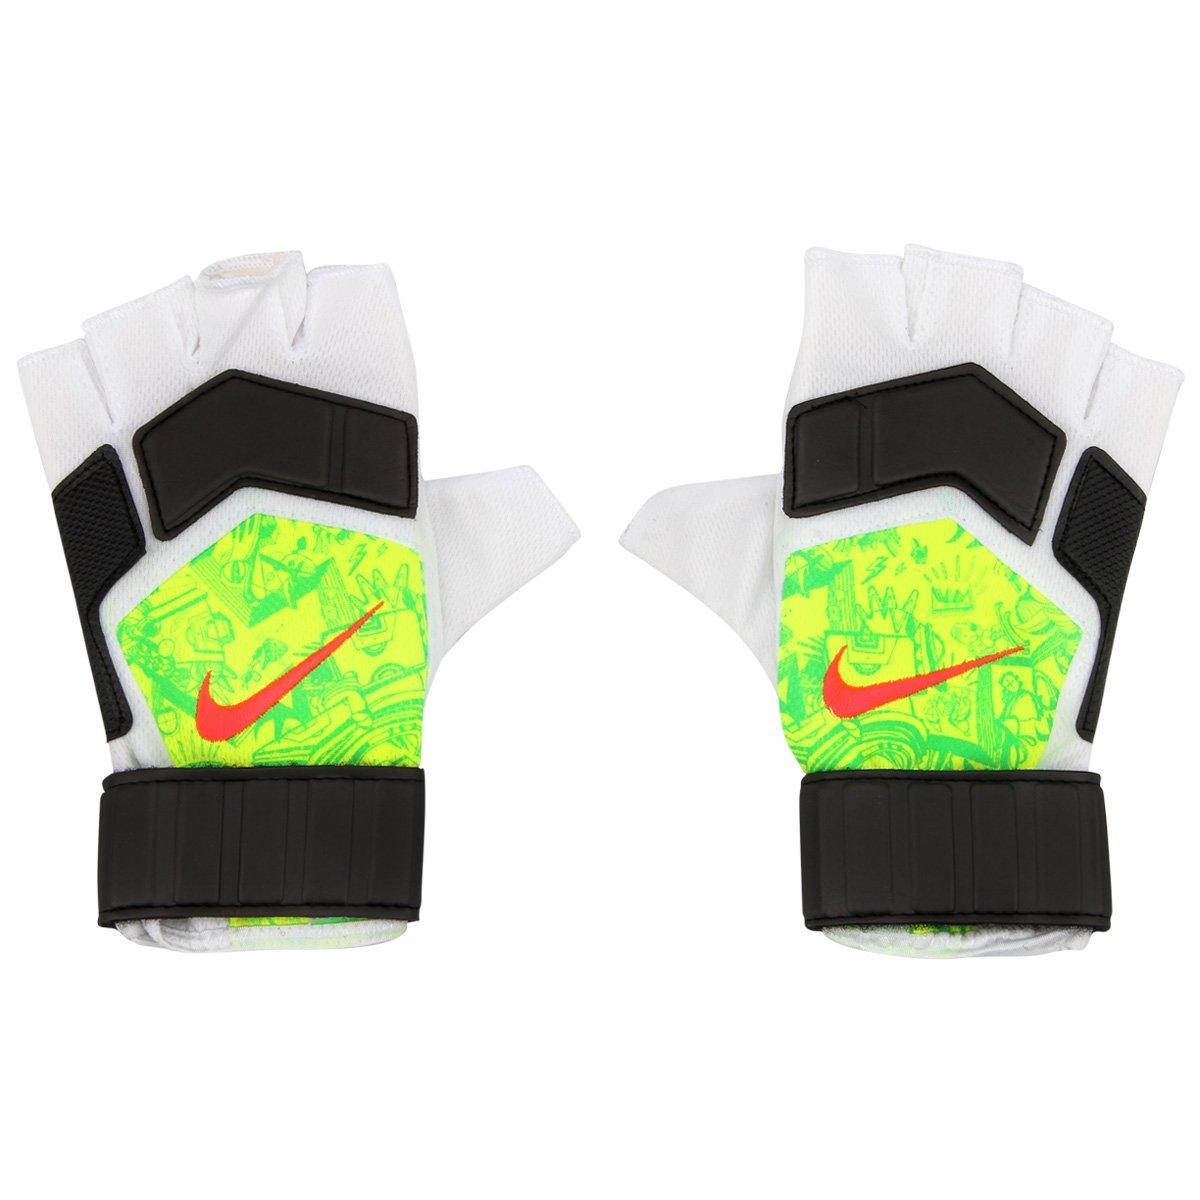 Luva Nike 5 Futsal - Compre Agora  52ef811074da6